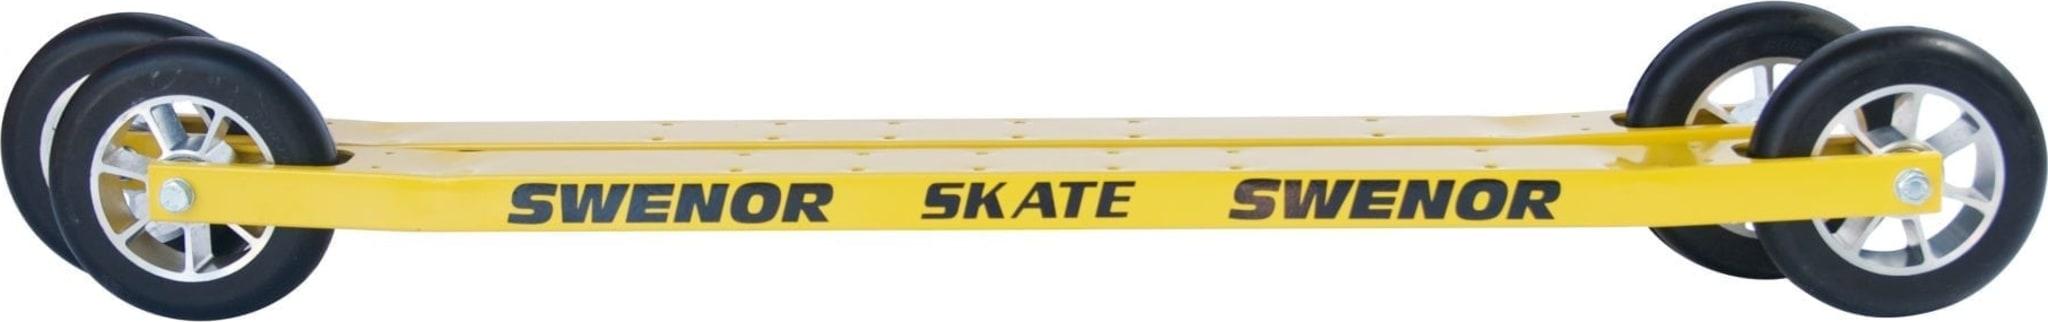 Stødig treningsski for skøyting, en av de mest bruke skiene